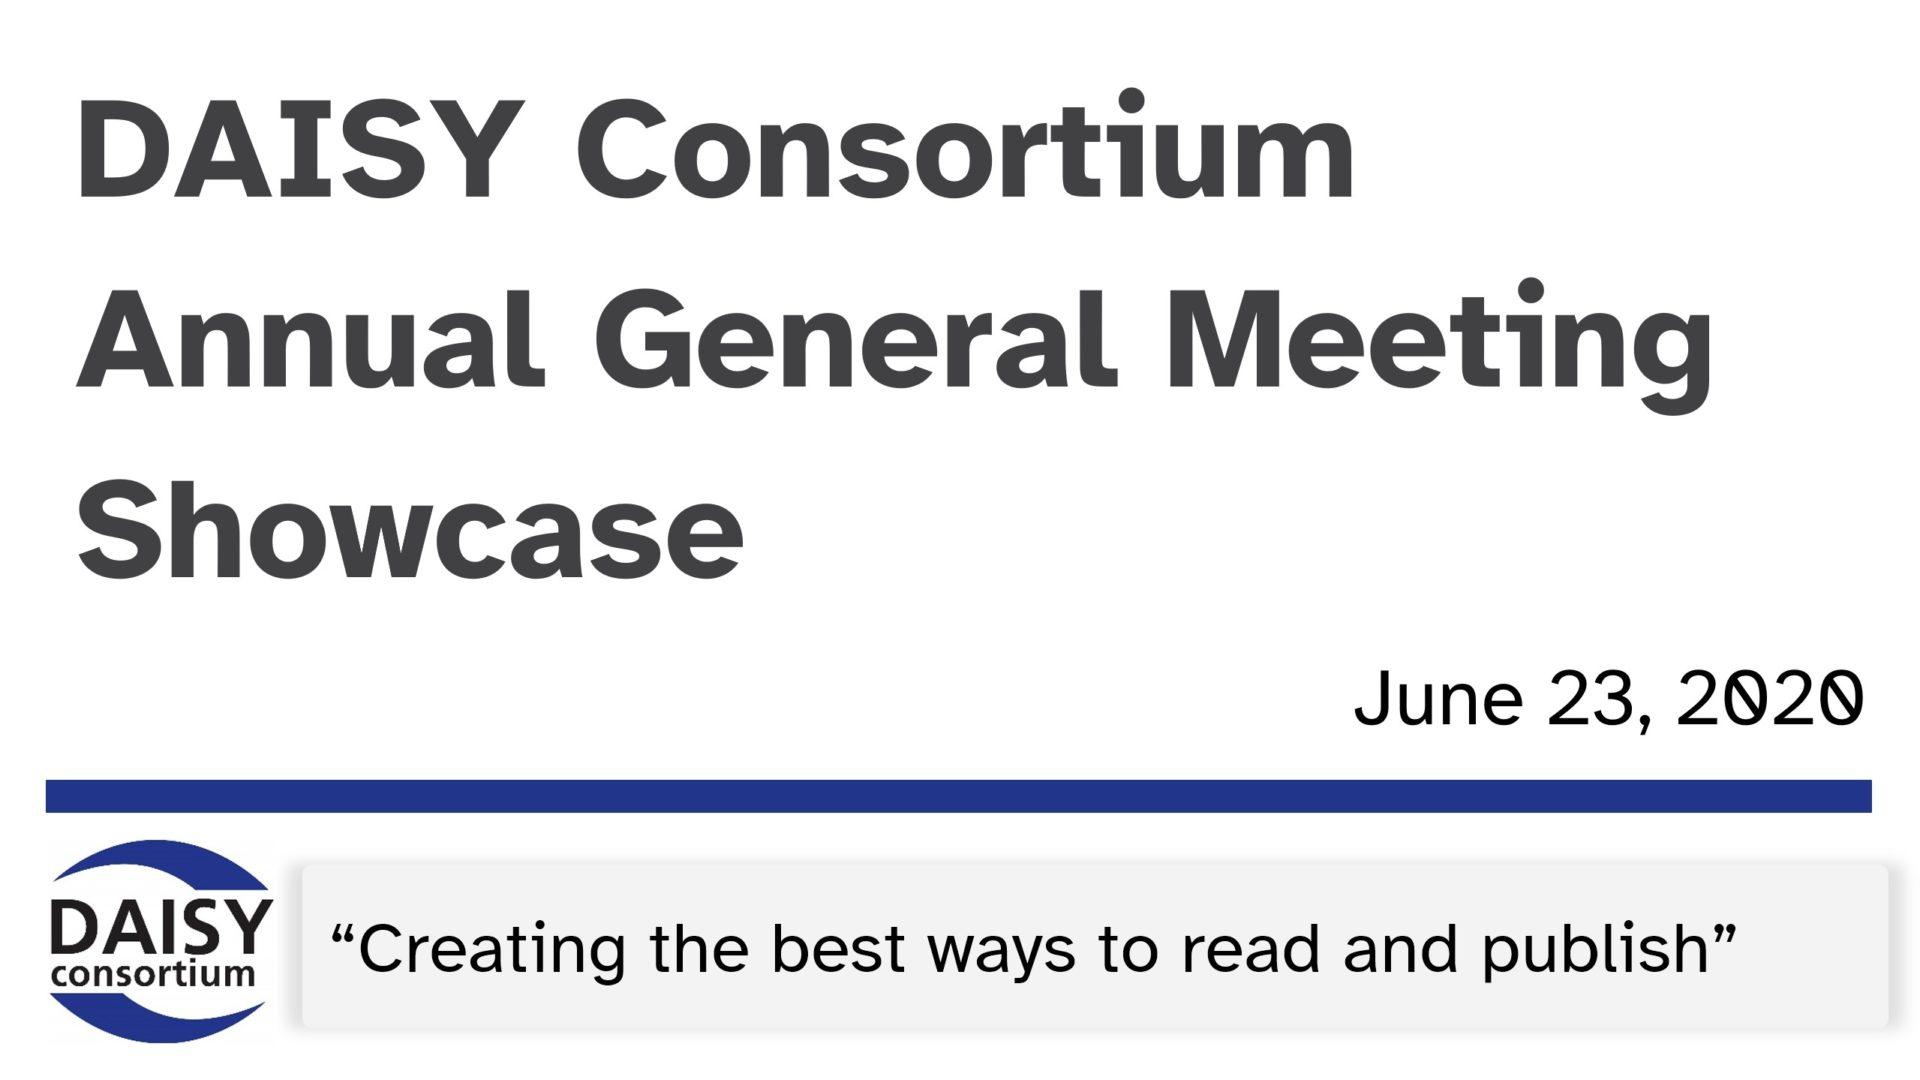 The DAISY Consortium